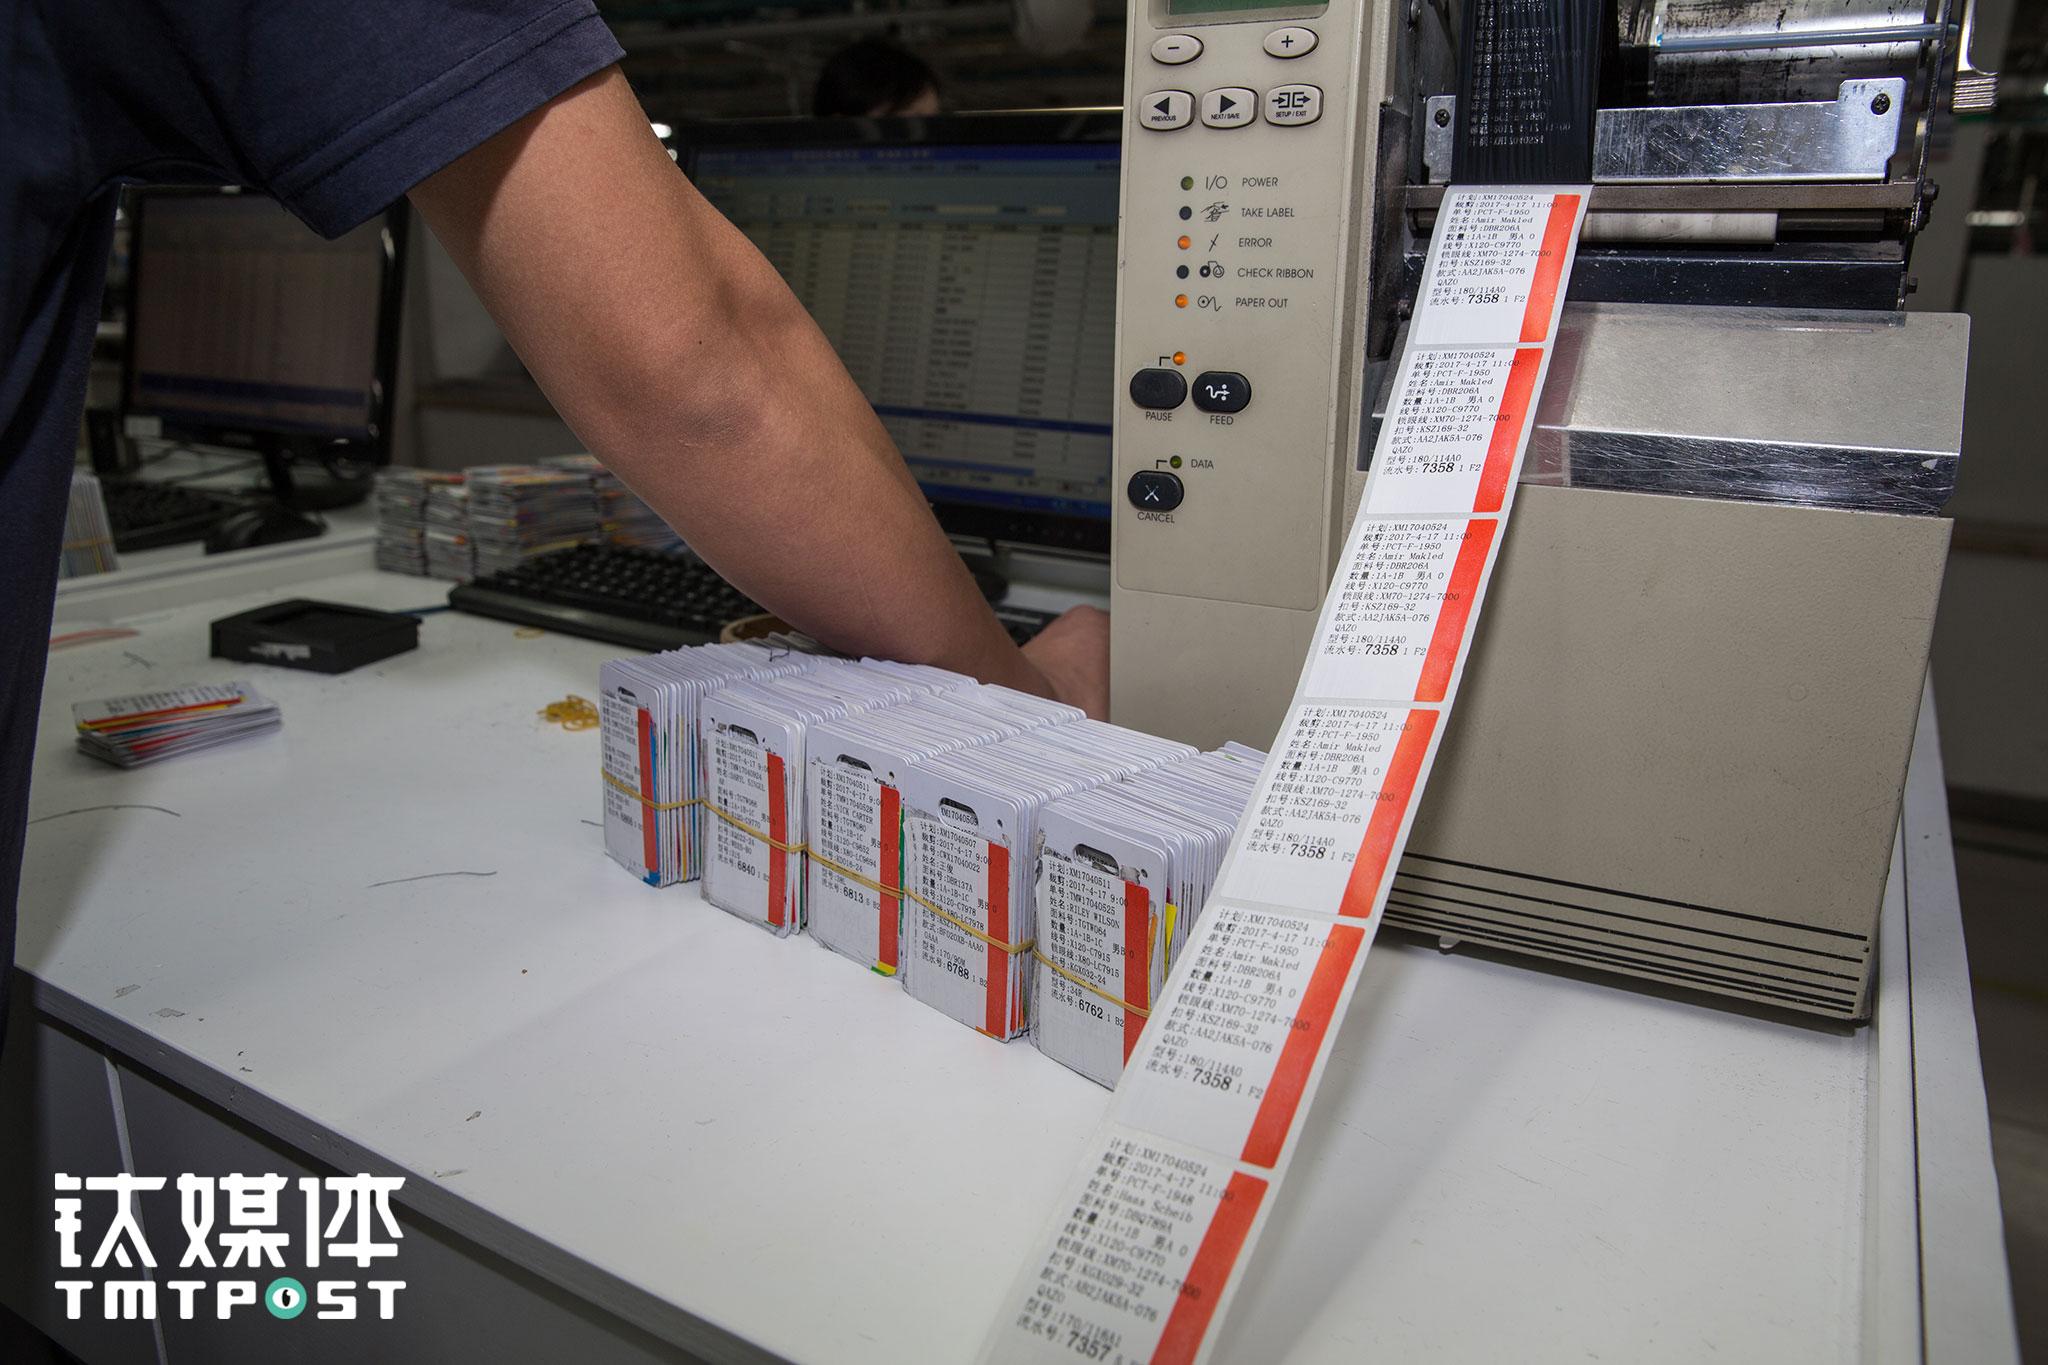 """""""电子标签卡(RFID芯片卡)""""在酷特C2M体系中极为关键,这个小小的卡片上,记录了一件产品的所有数据,每个岗位上的工人在接到产品时,通过这张卡就能知道具体要进行的工序咋,启用这张卡之前,工人们要把每一件定制服装的工艺写在布条上,这张布条随着产品在工人之间传递。"""